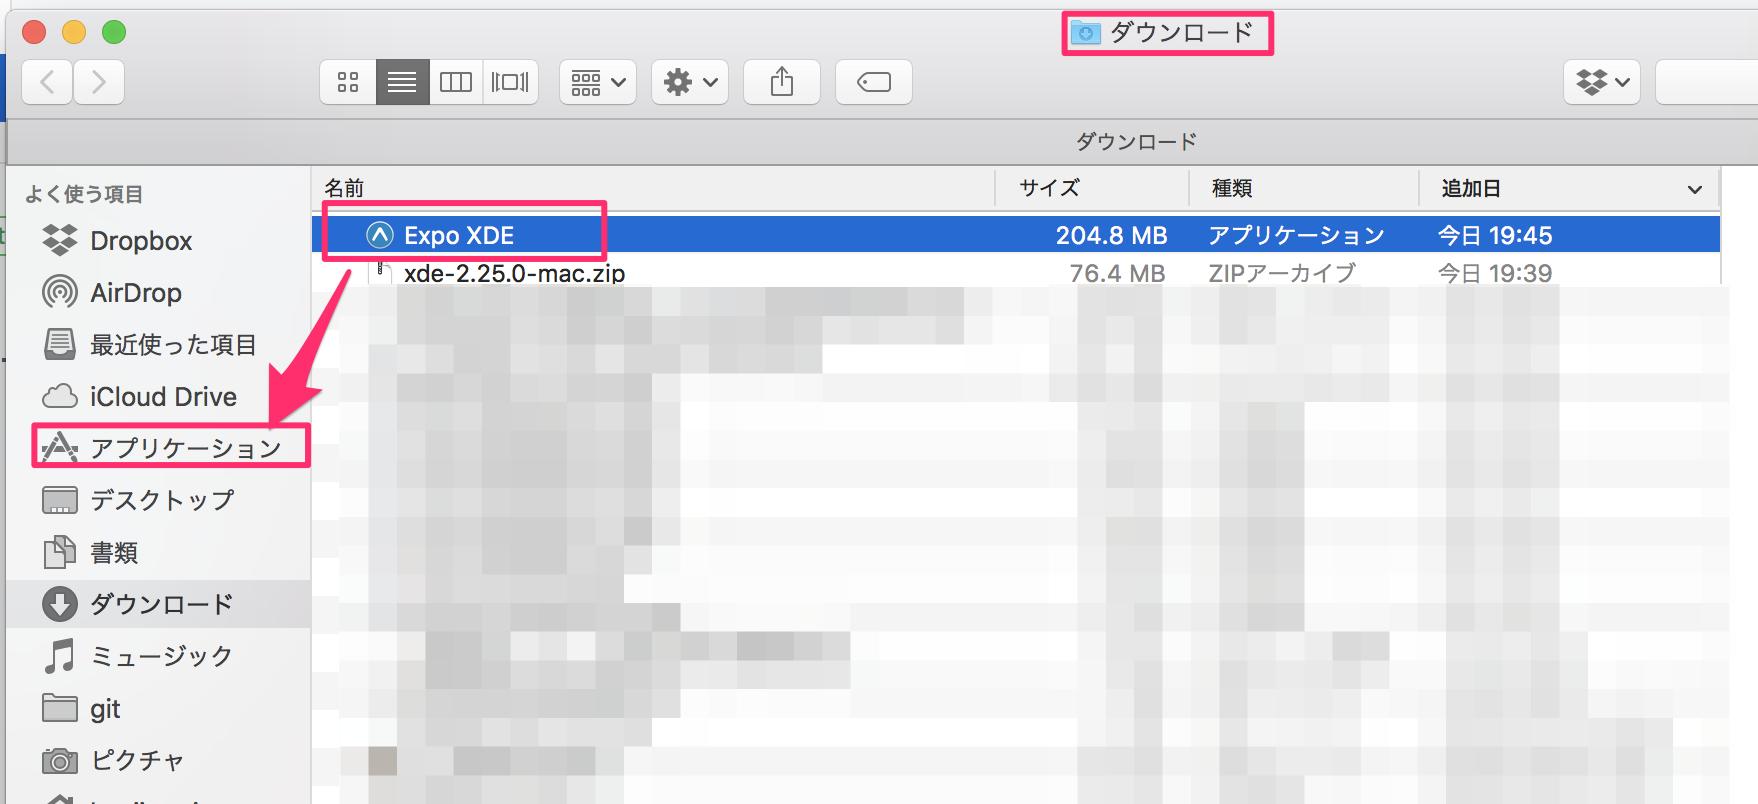 アプリケーションに移動させよう[解決]Expo XDEをインストールしたいけどどこにあるのAppStoreにないし(how to install Expo XDE)